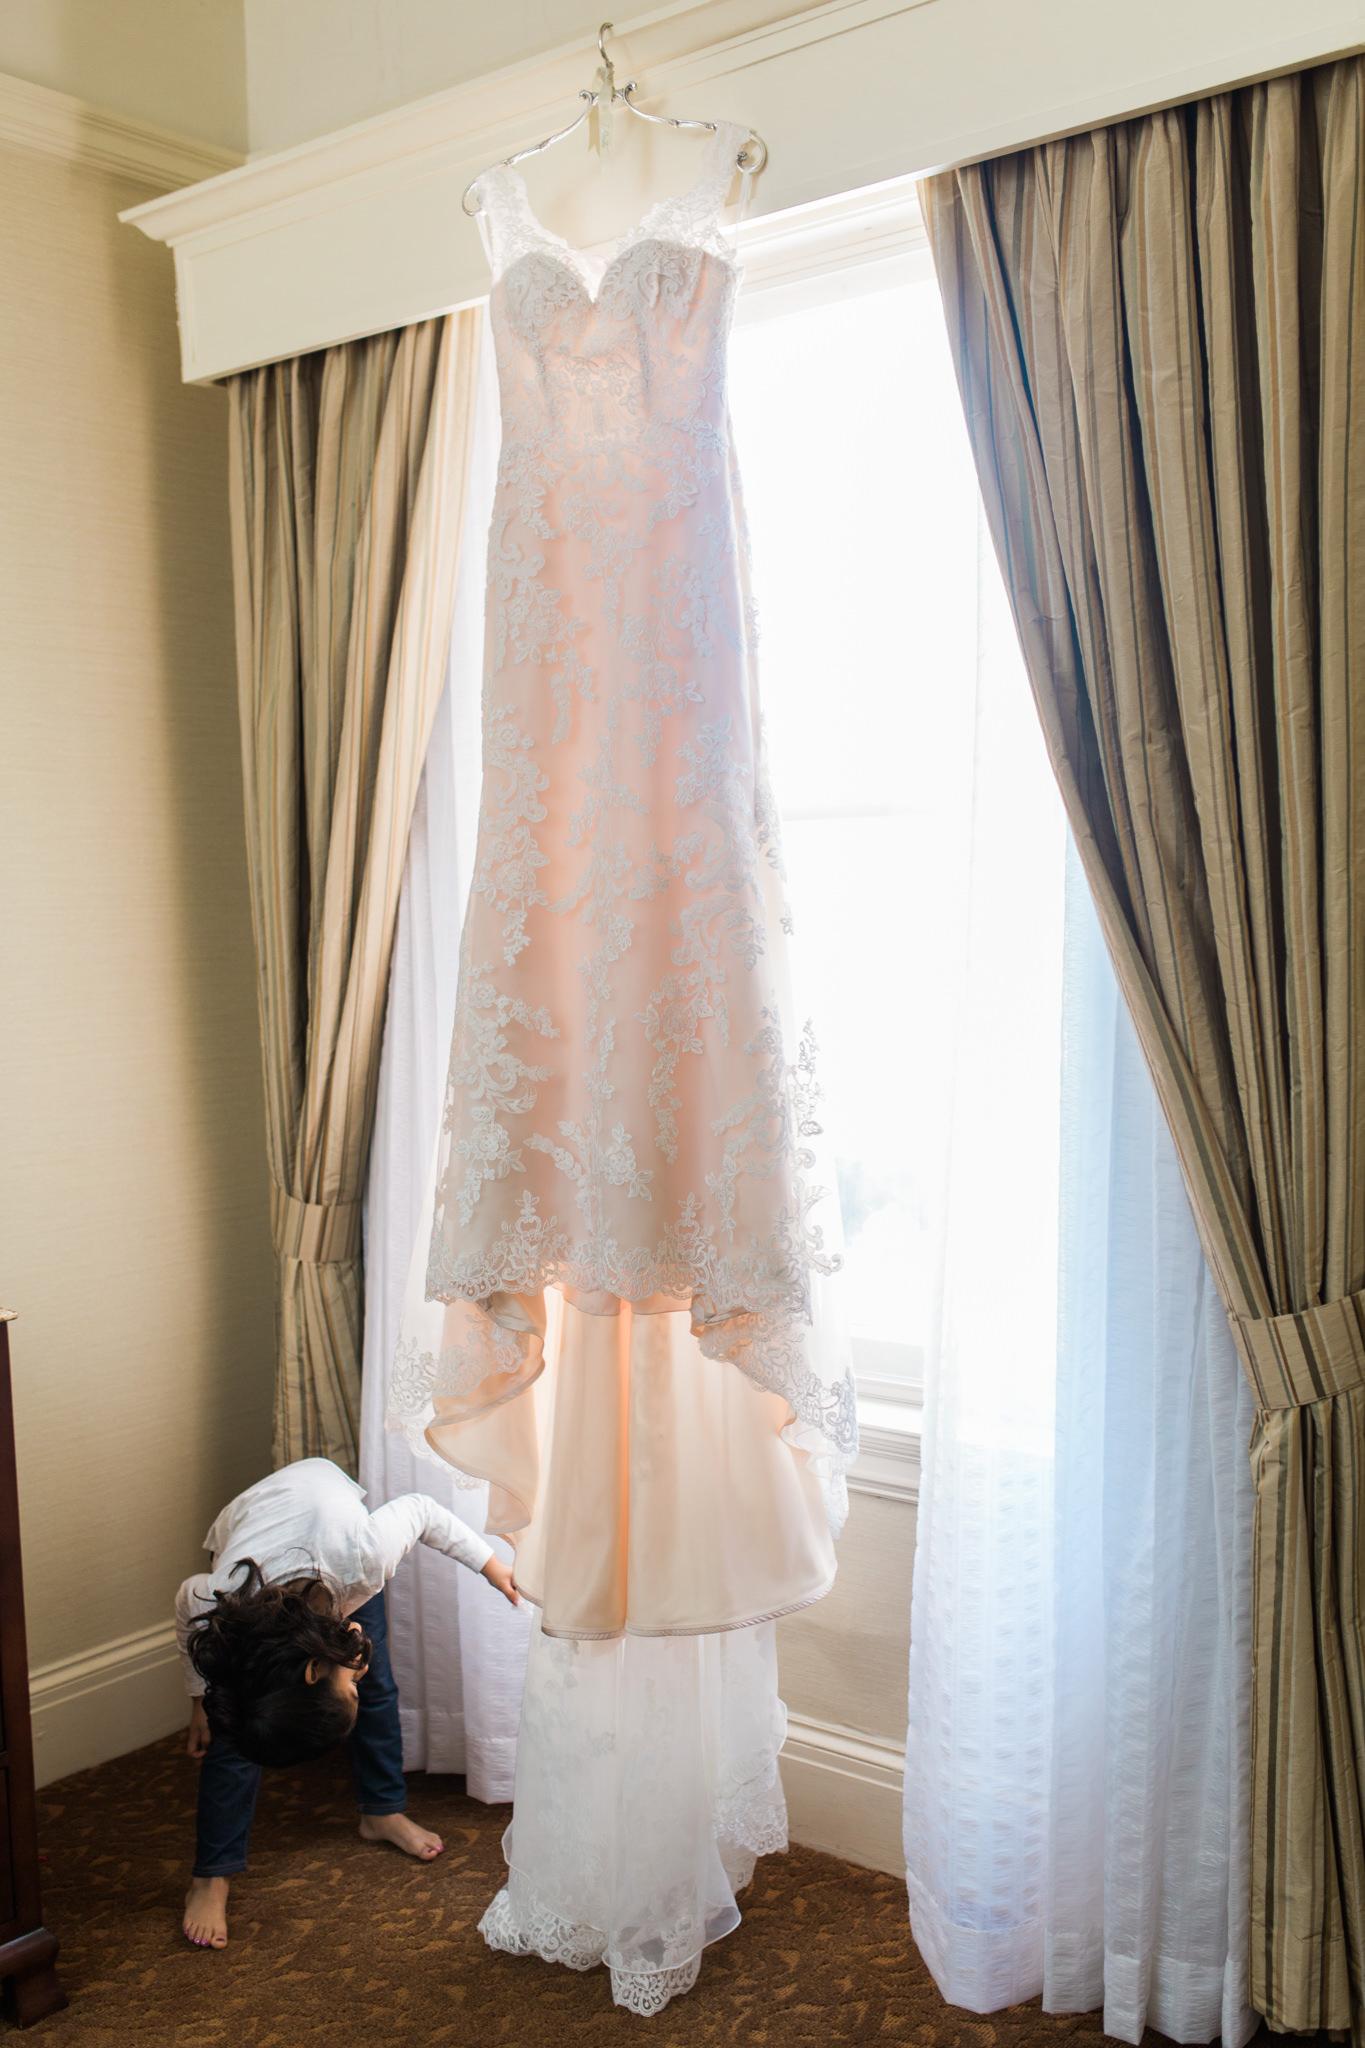 Little girl peeking at wedding dress in front of hotel window